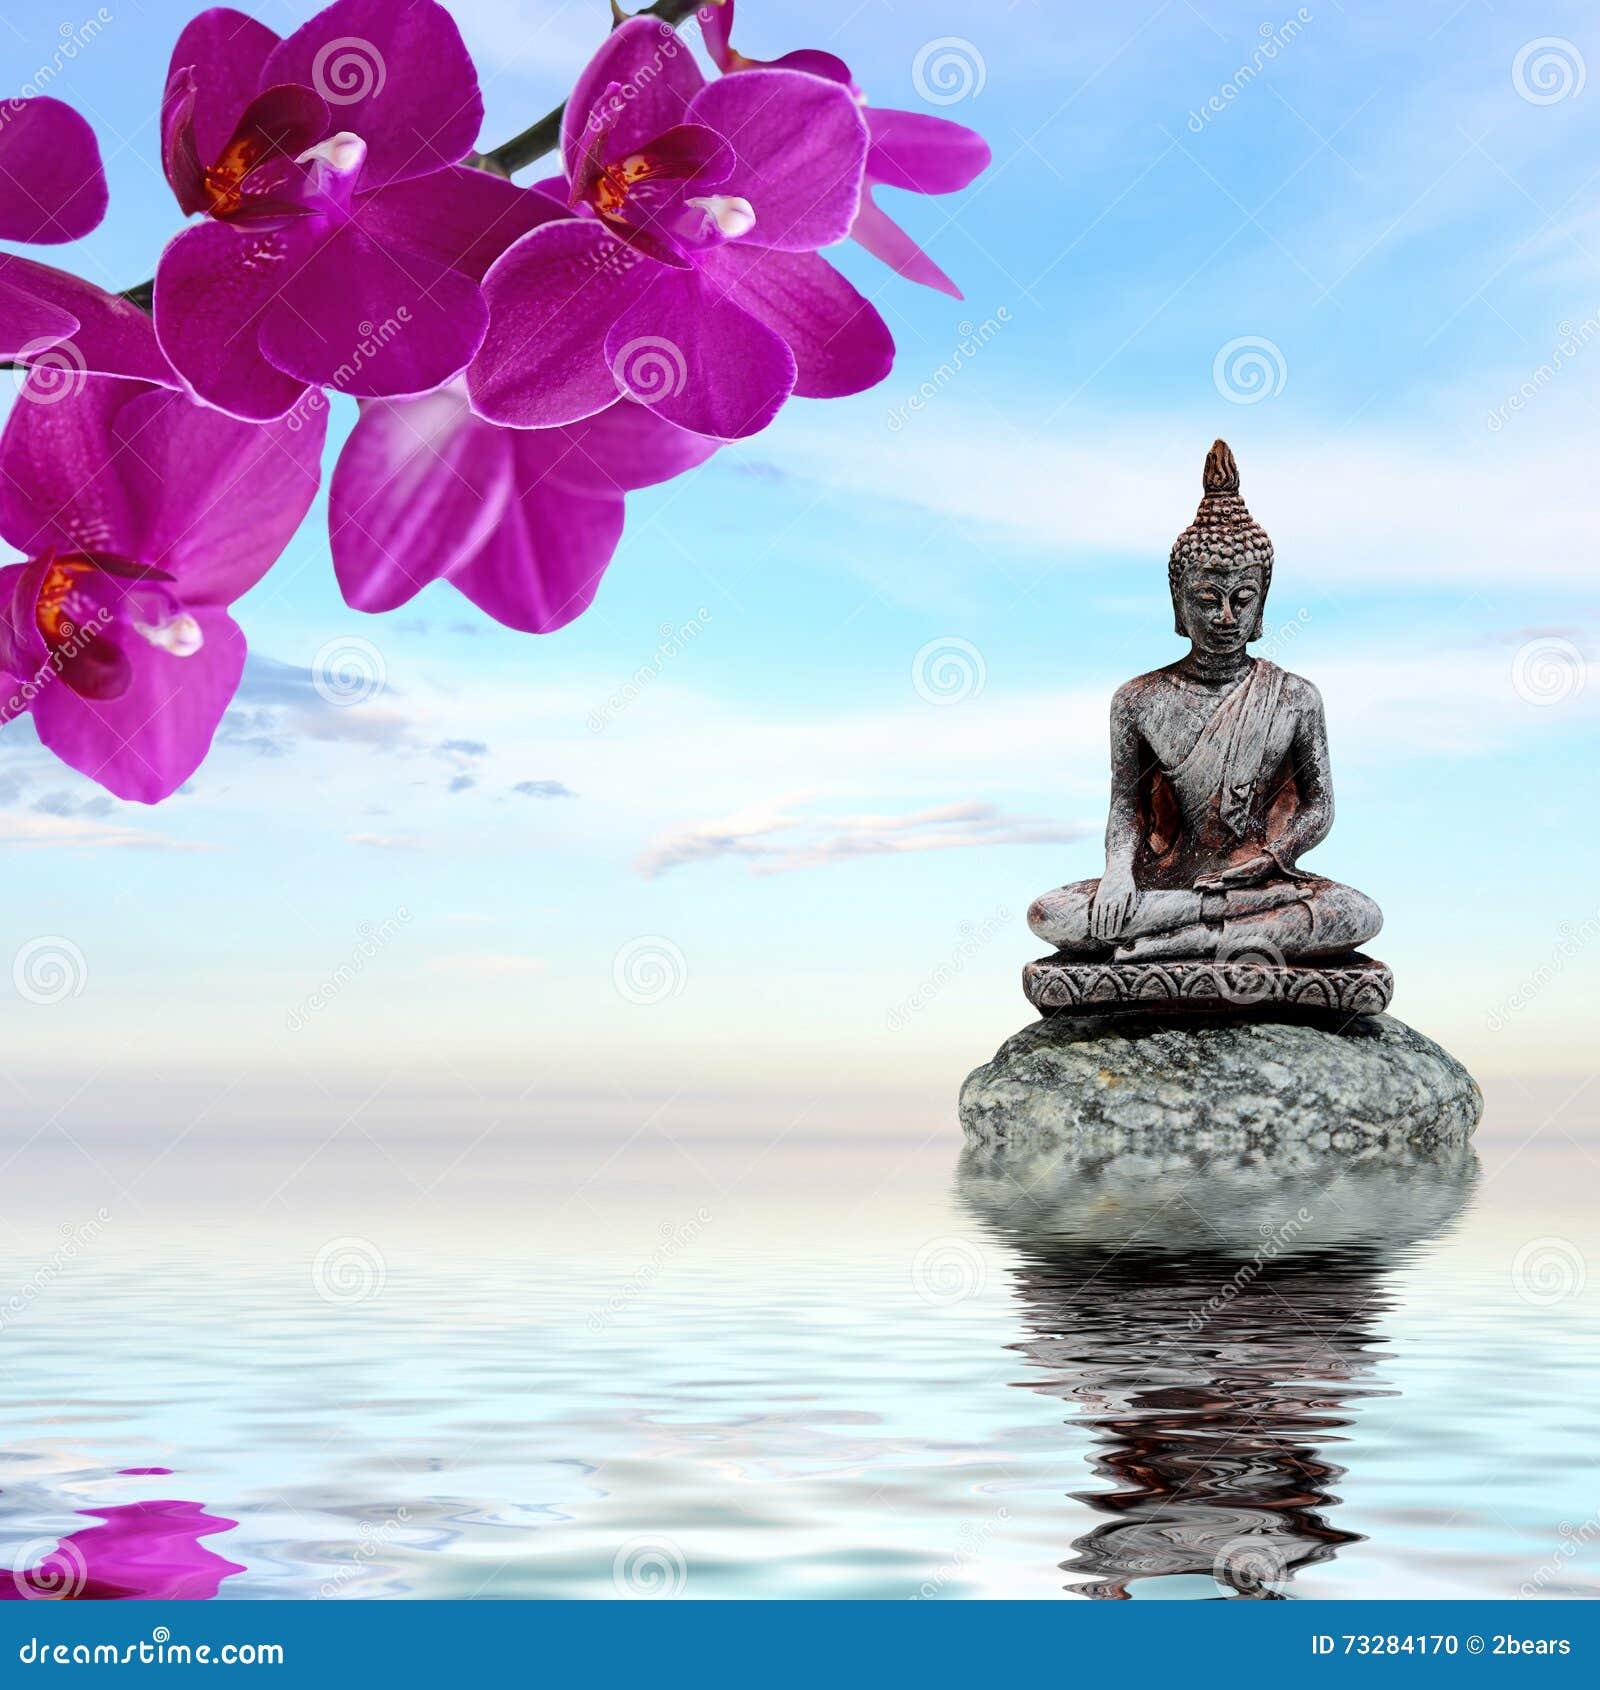 El zen stone las flores de la orqu dea y buda reflejaron for Imagenes zen